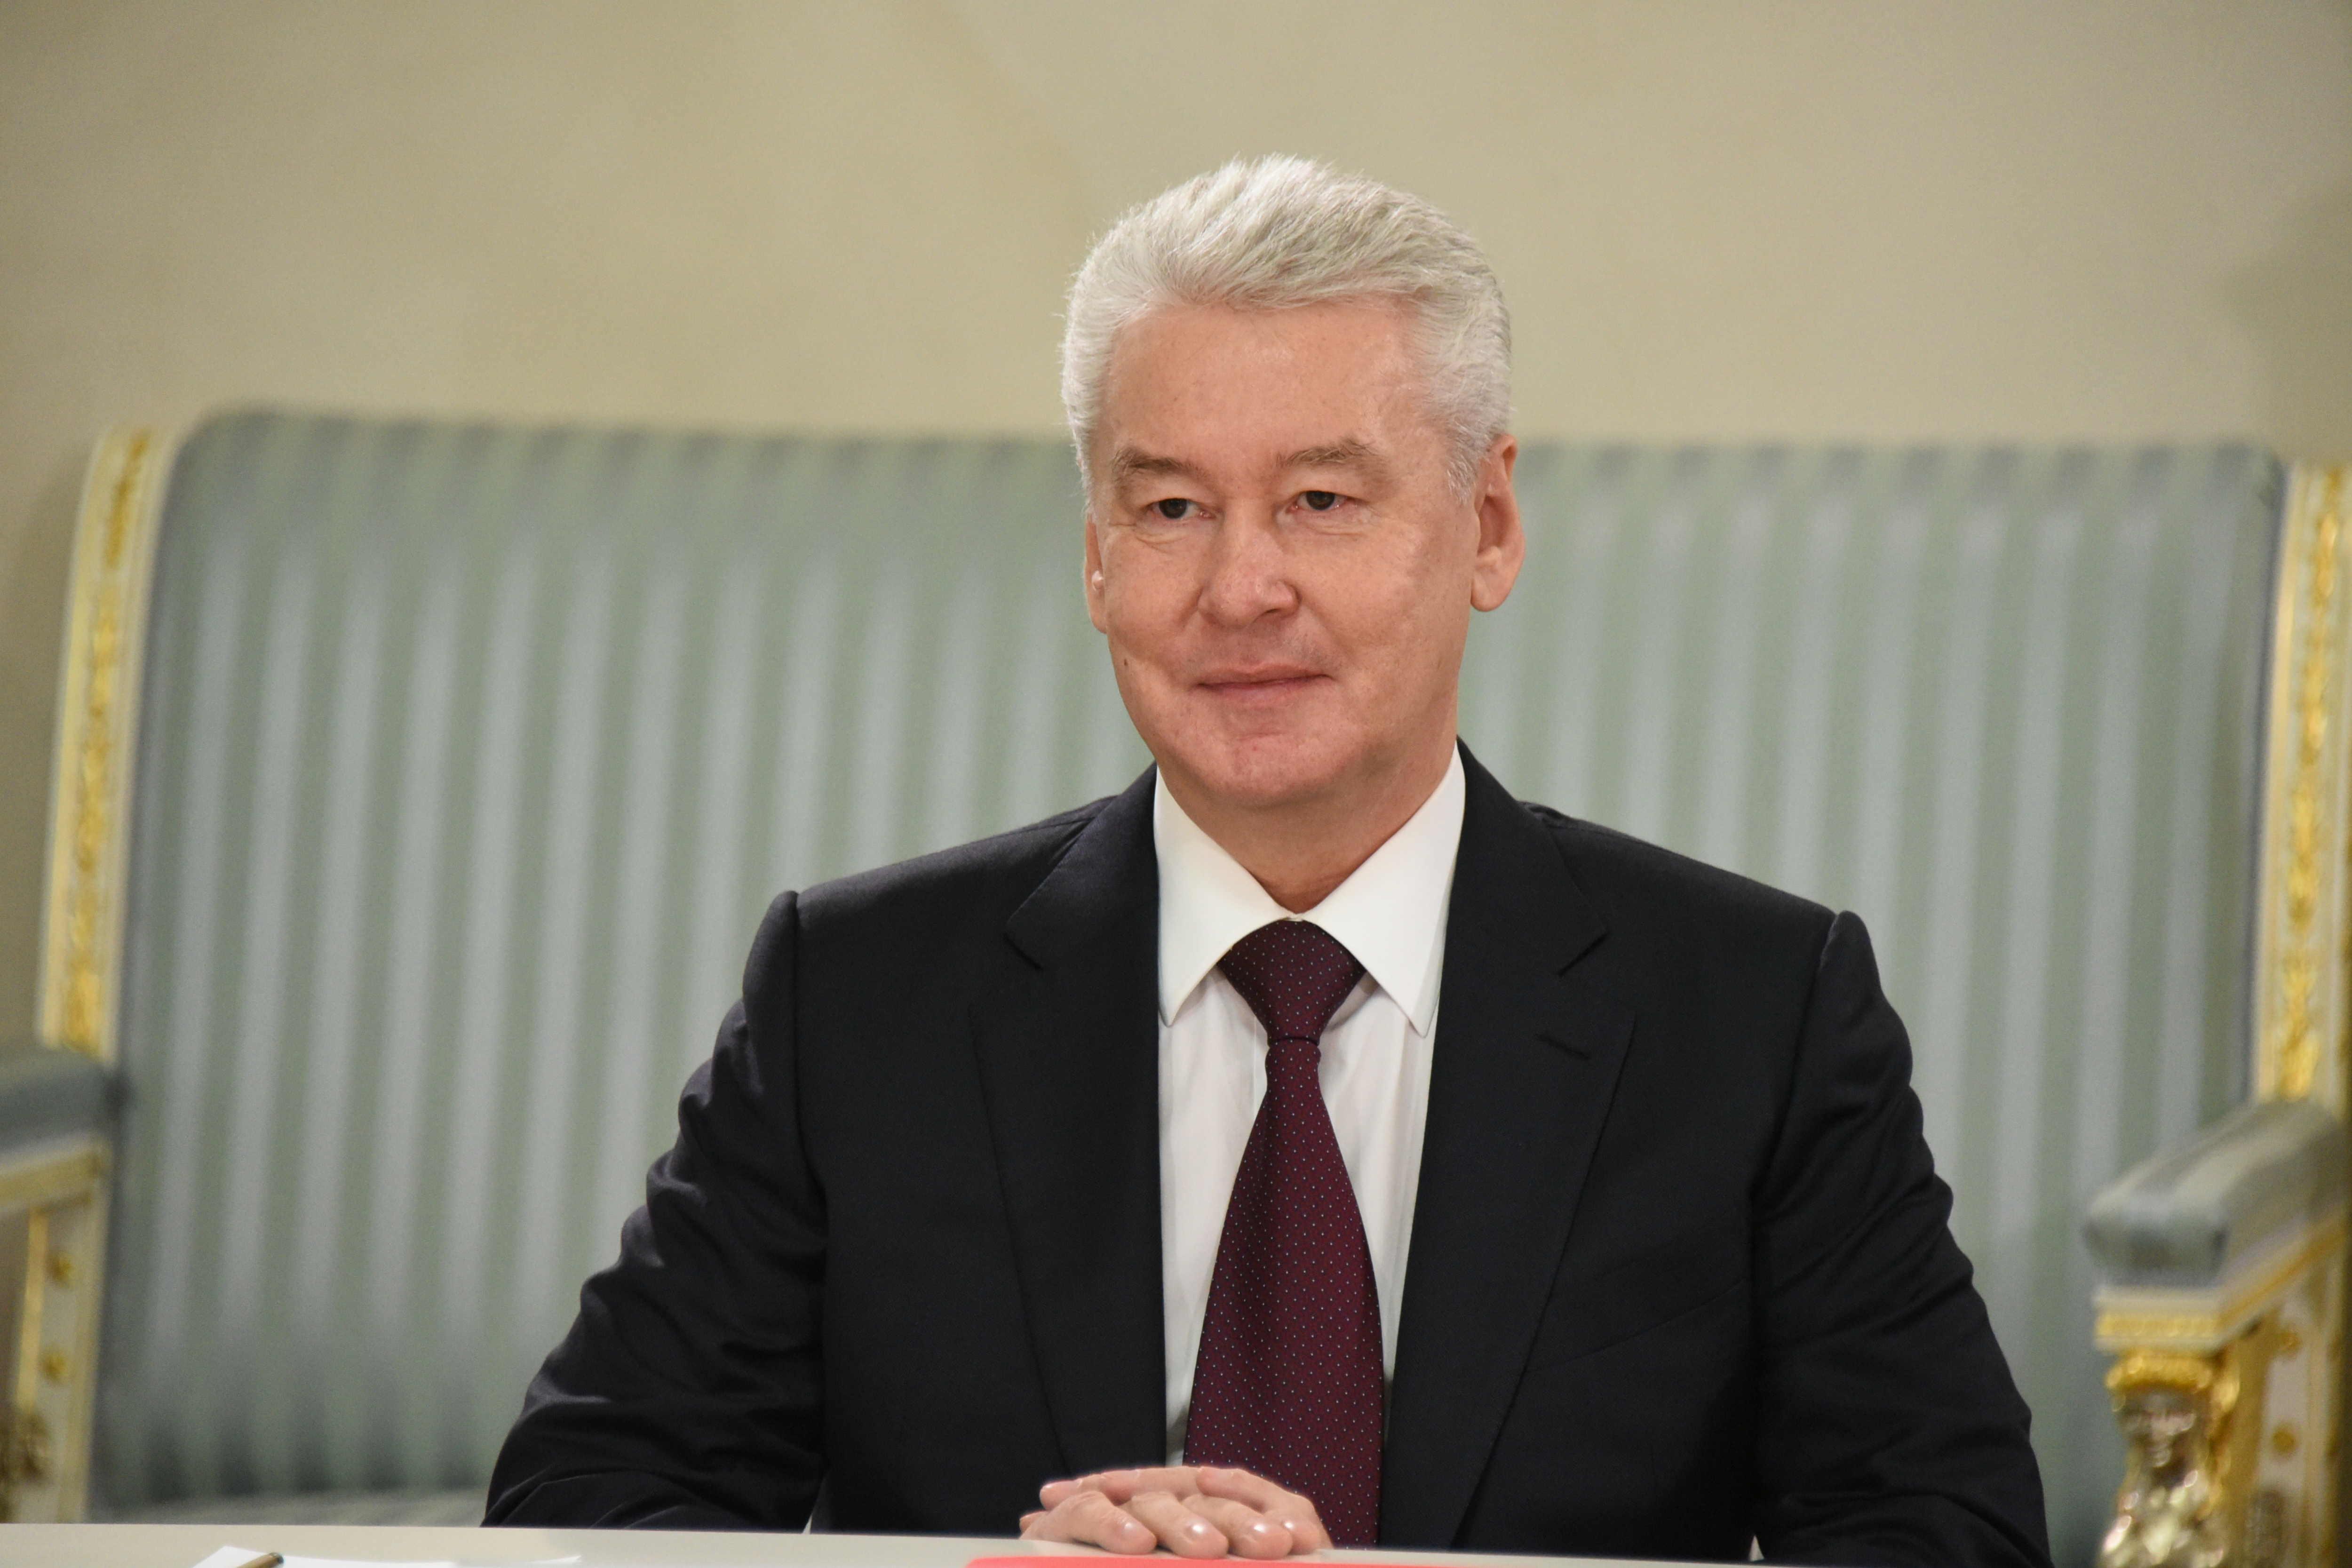 Праздники начнутся раньше: Собянин объявил 31 декабря выходным